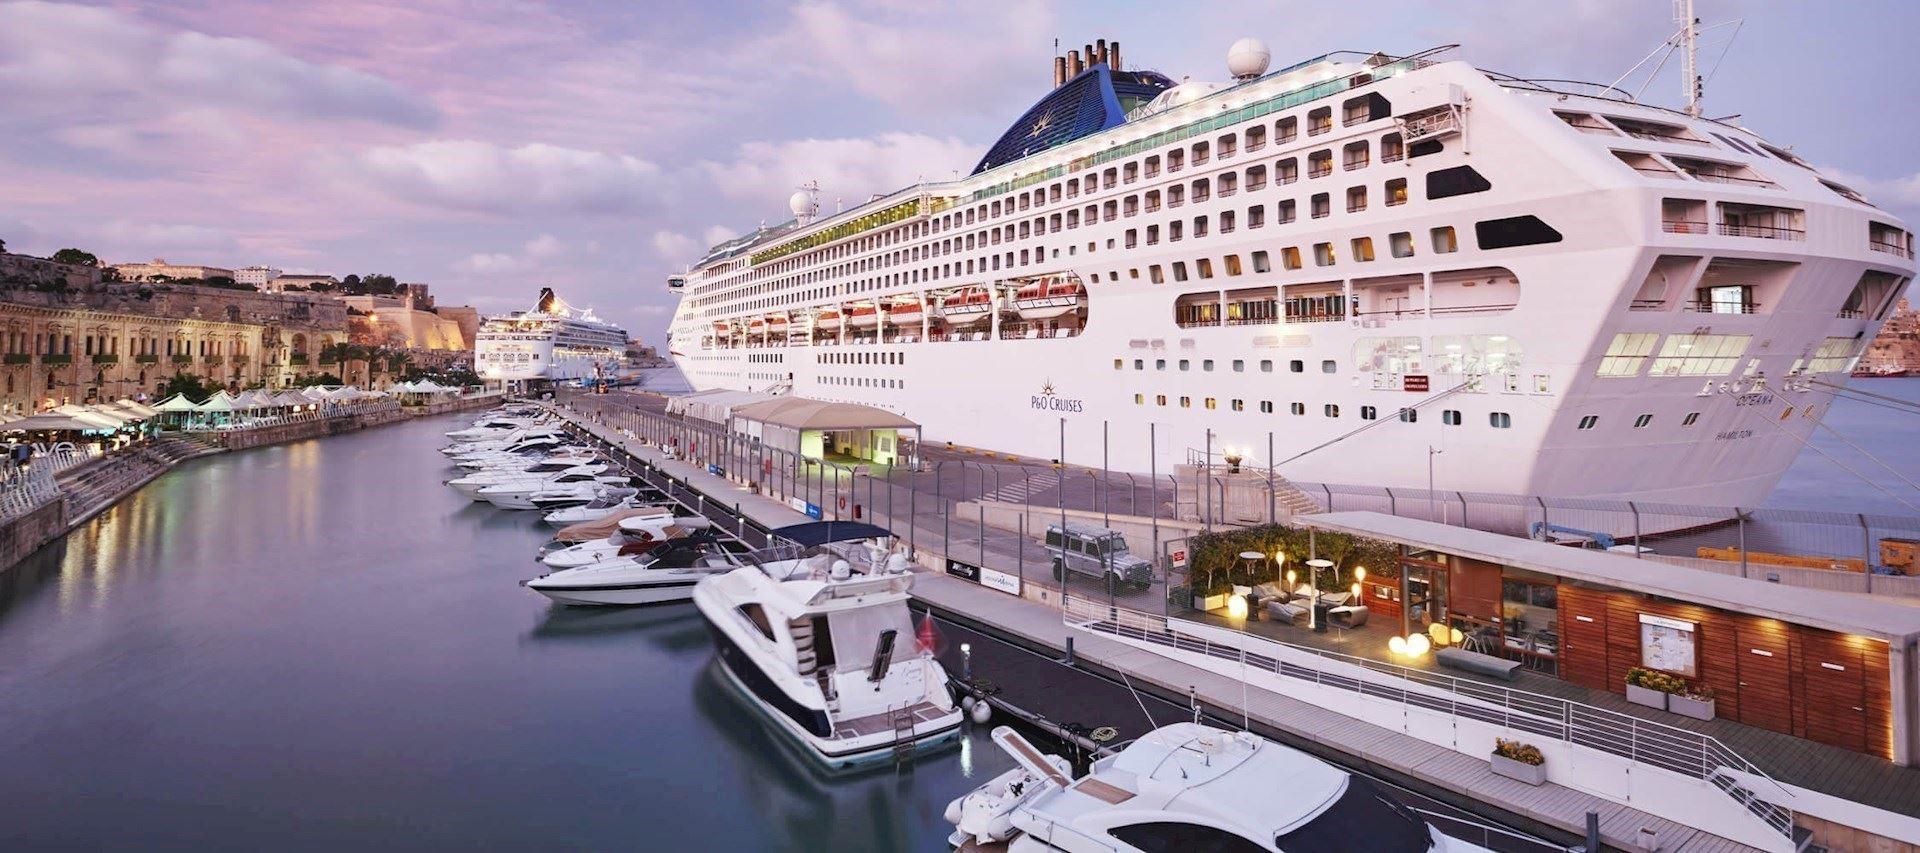 P&O Cruises - 2019 / 2020 / 2021 - P&O Cruise Deals